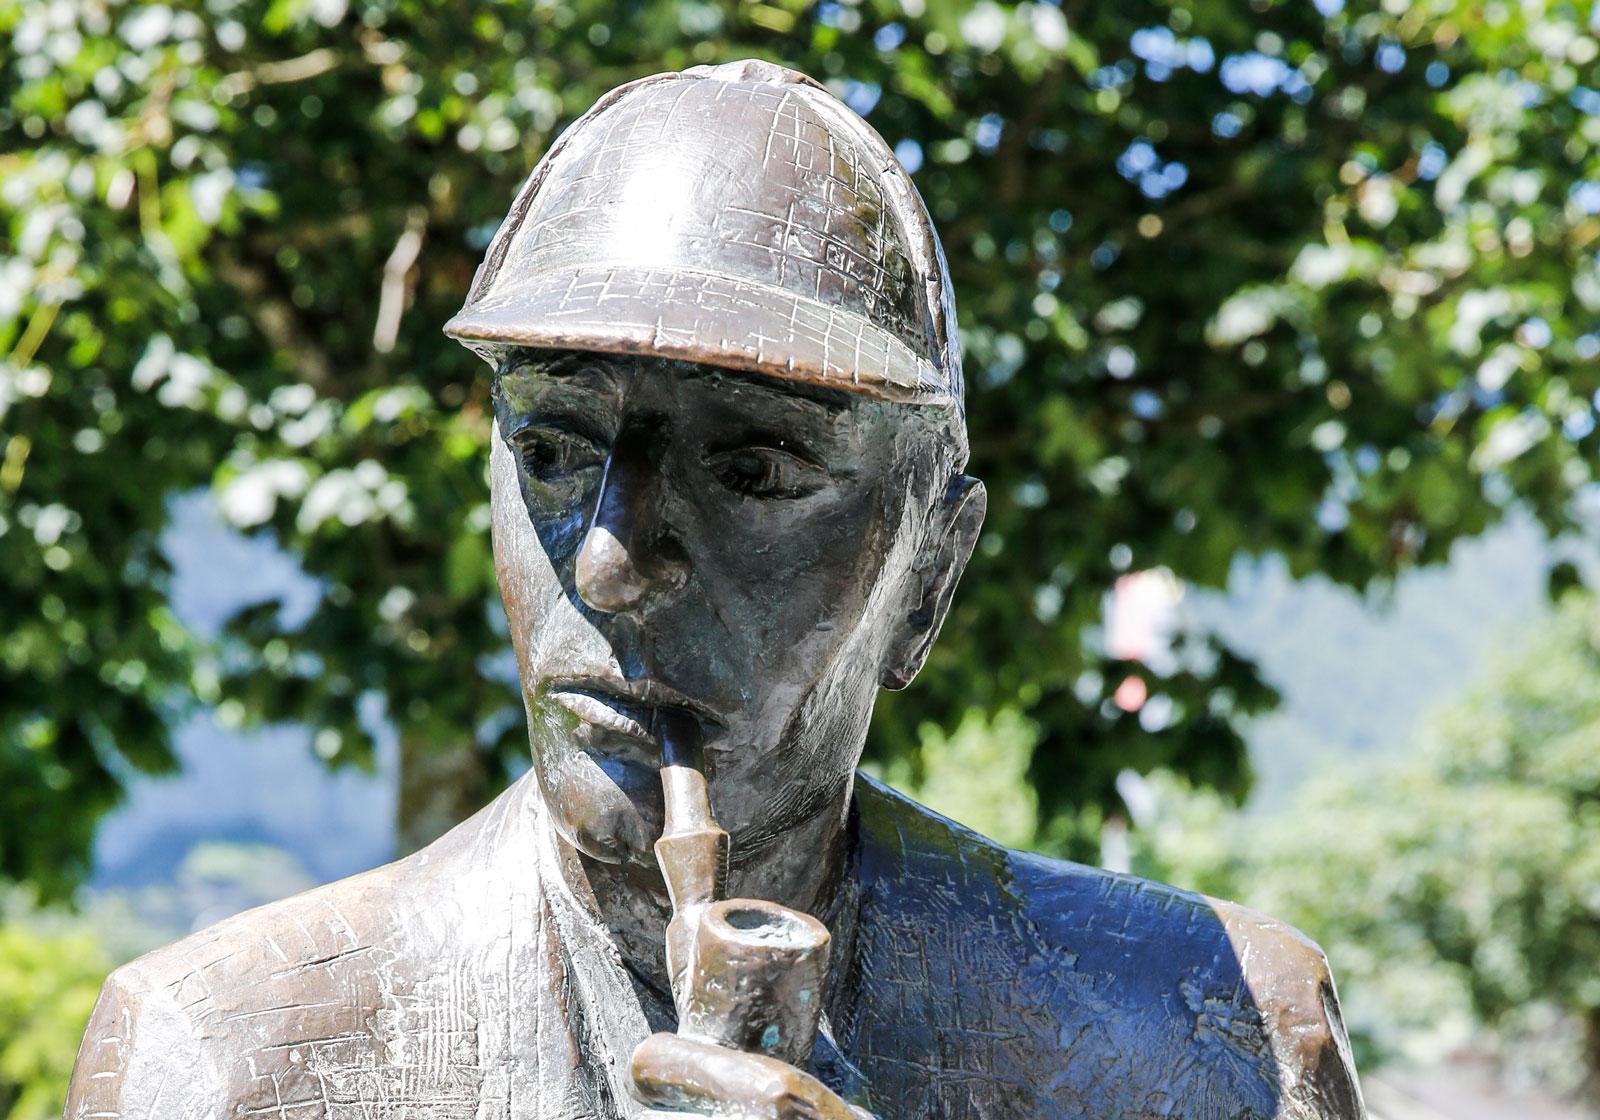 Sherlock Holmes muséet är en favorit hos alla deckarfantaster.